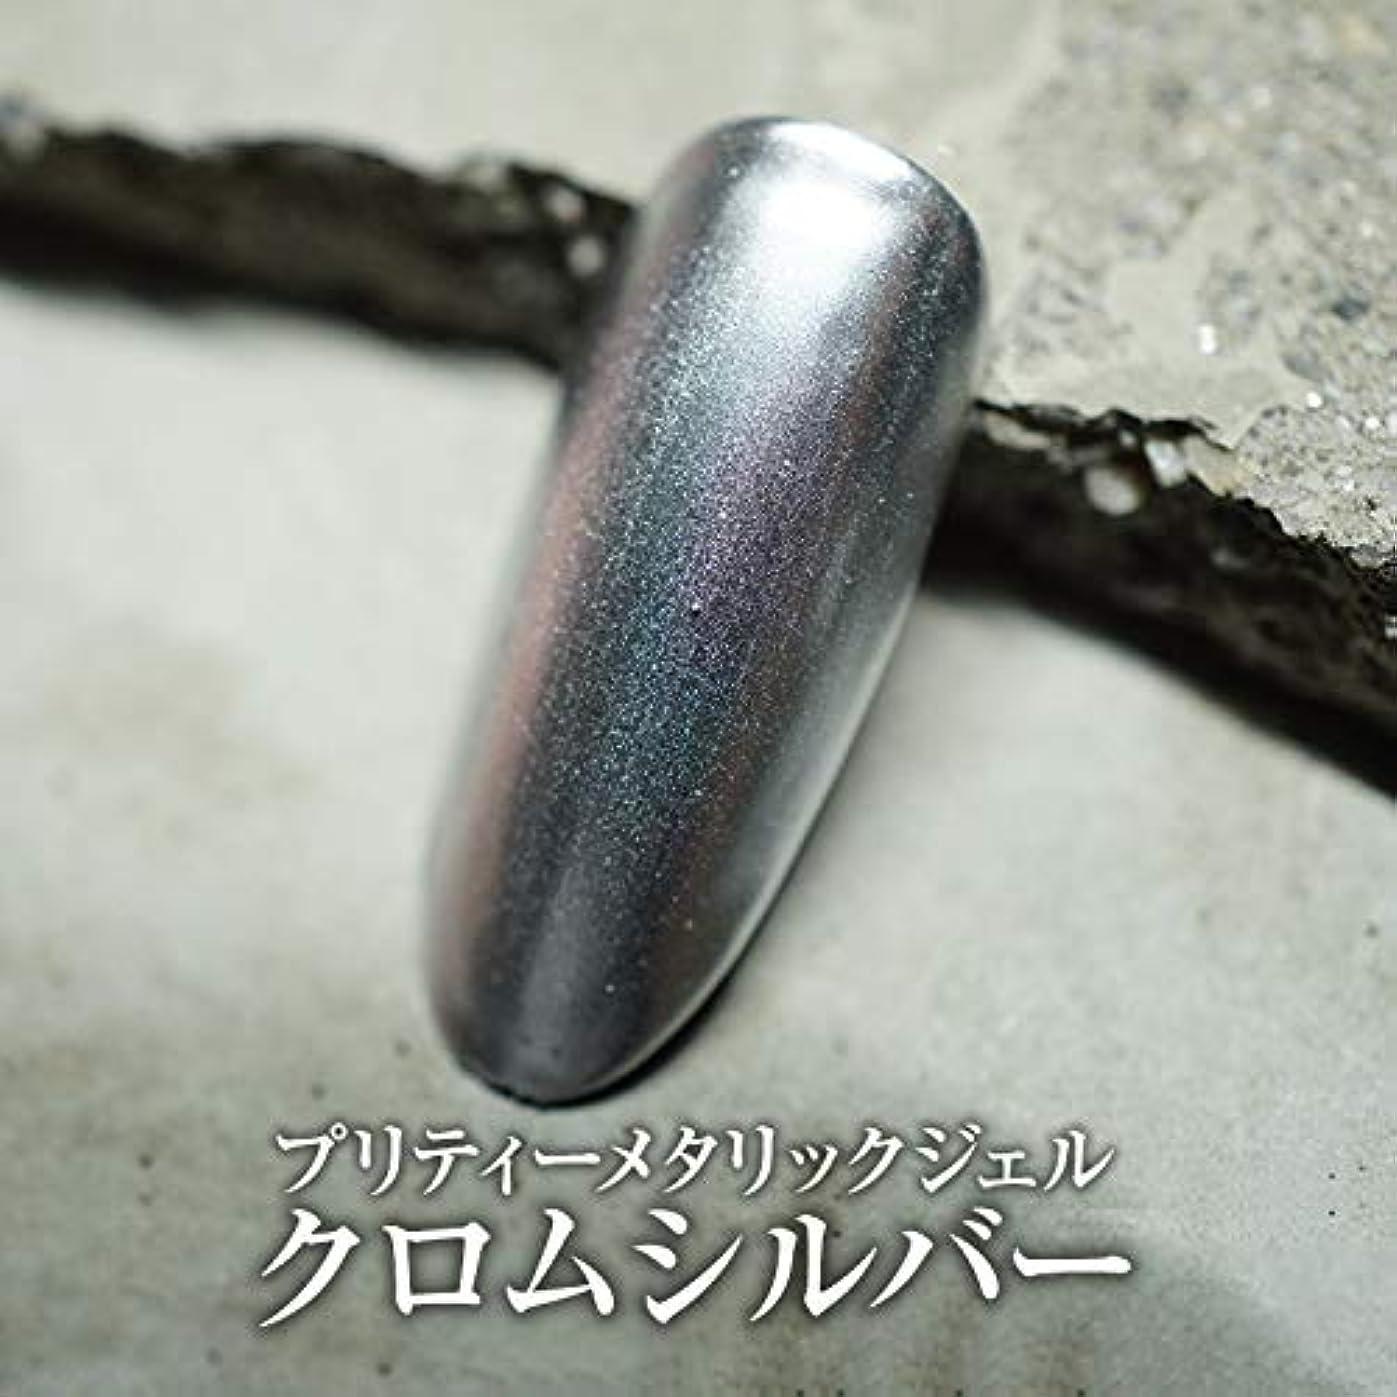 薄汚いアシュリータファーマン有彩色のプリティーメタリックジェル クロムシルバー3ml